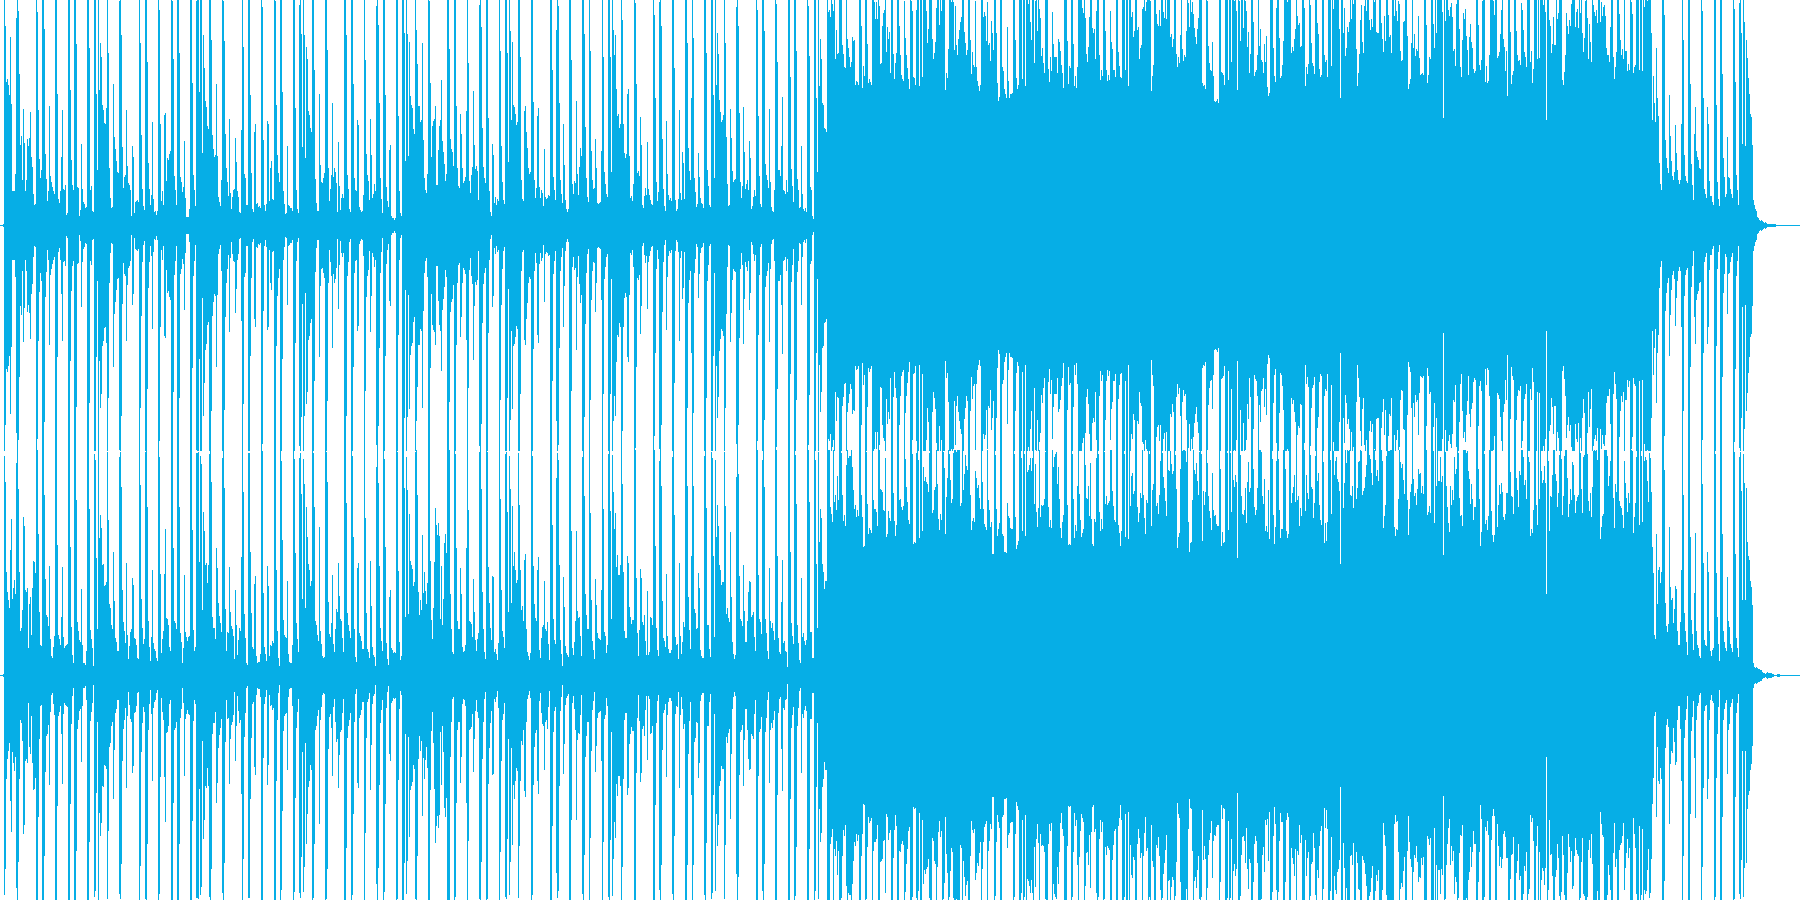 クールで綺麗な物悲しいBGMの再生済みの波形